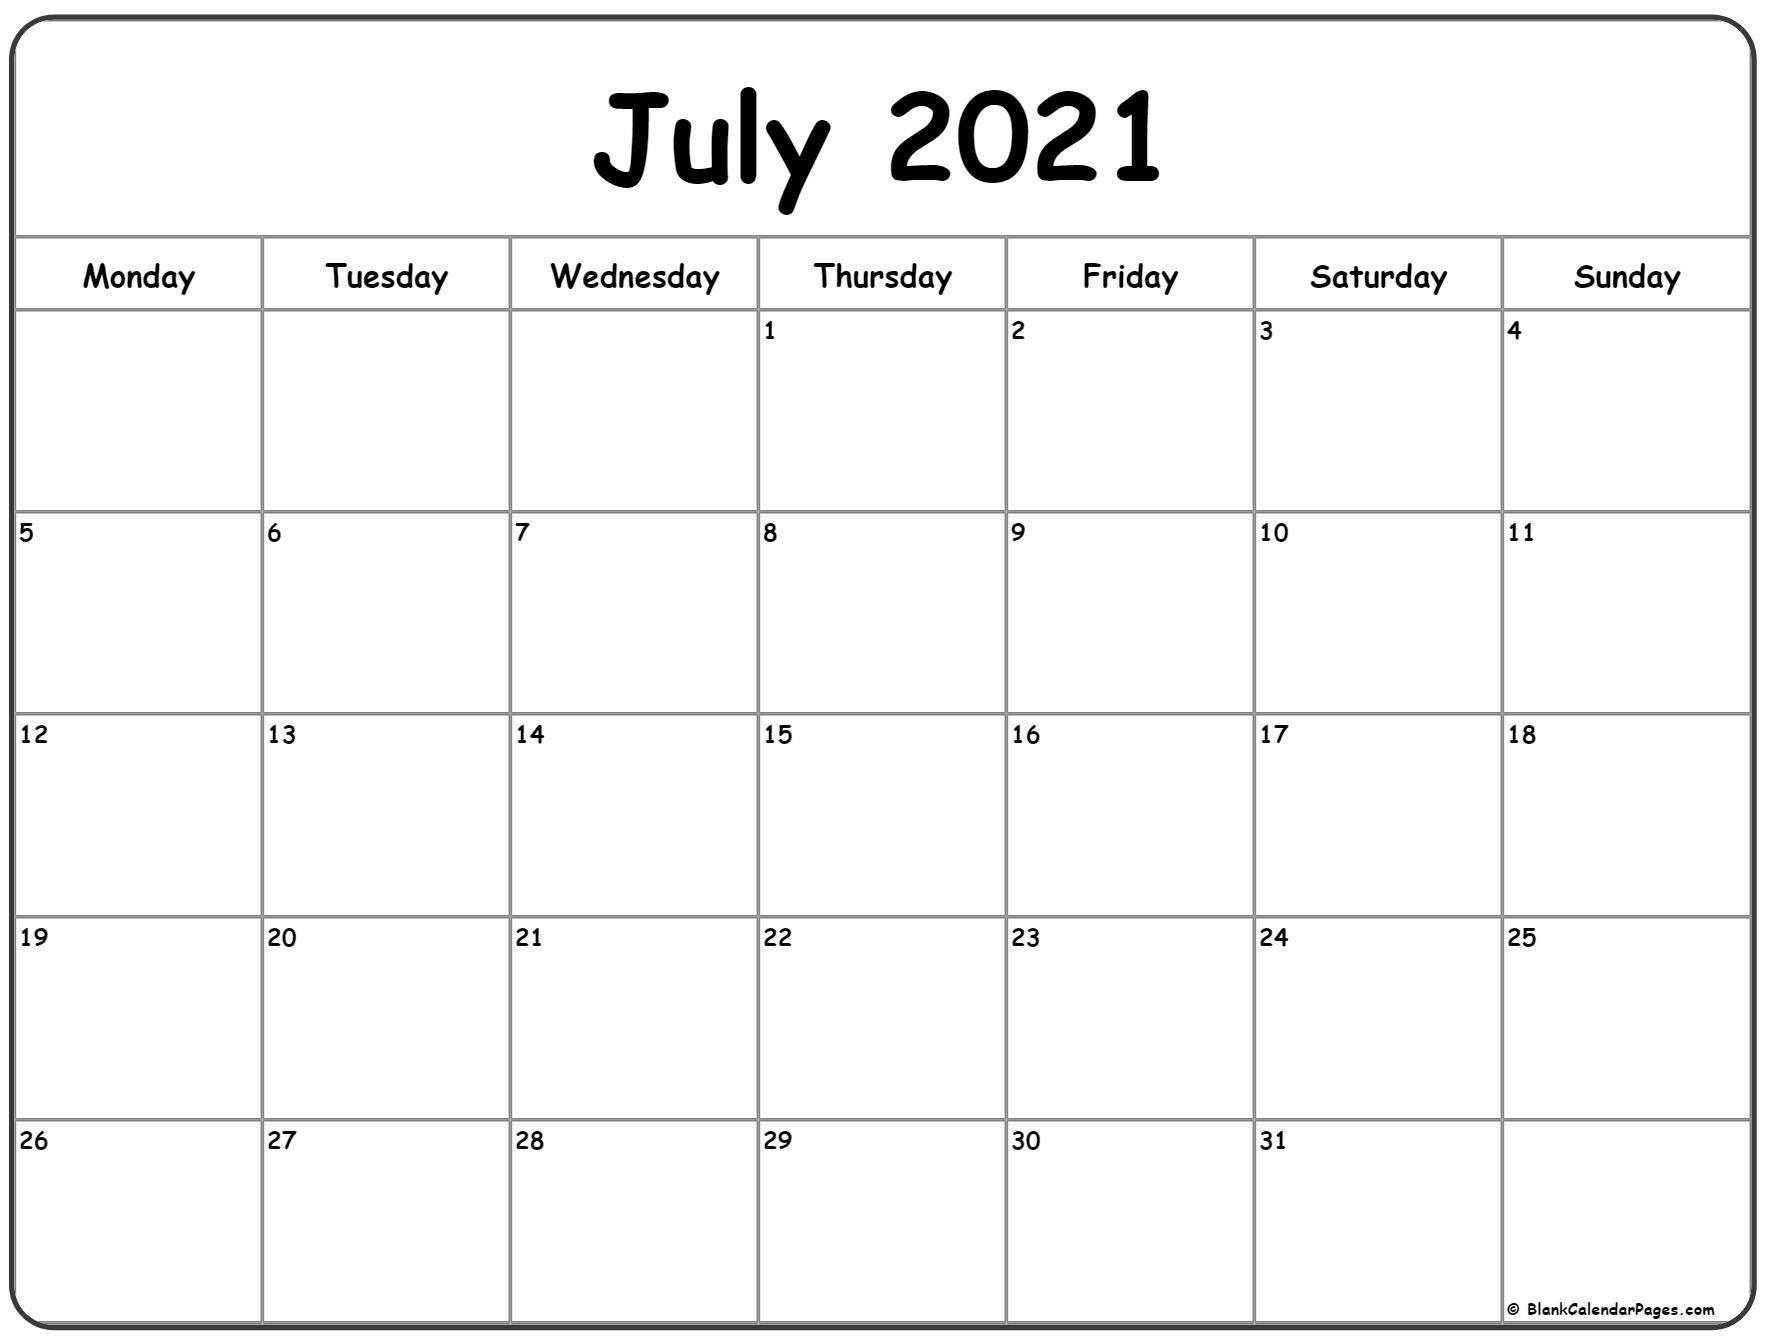 July 2021 Monday Calendar | Monday To Sunday